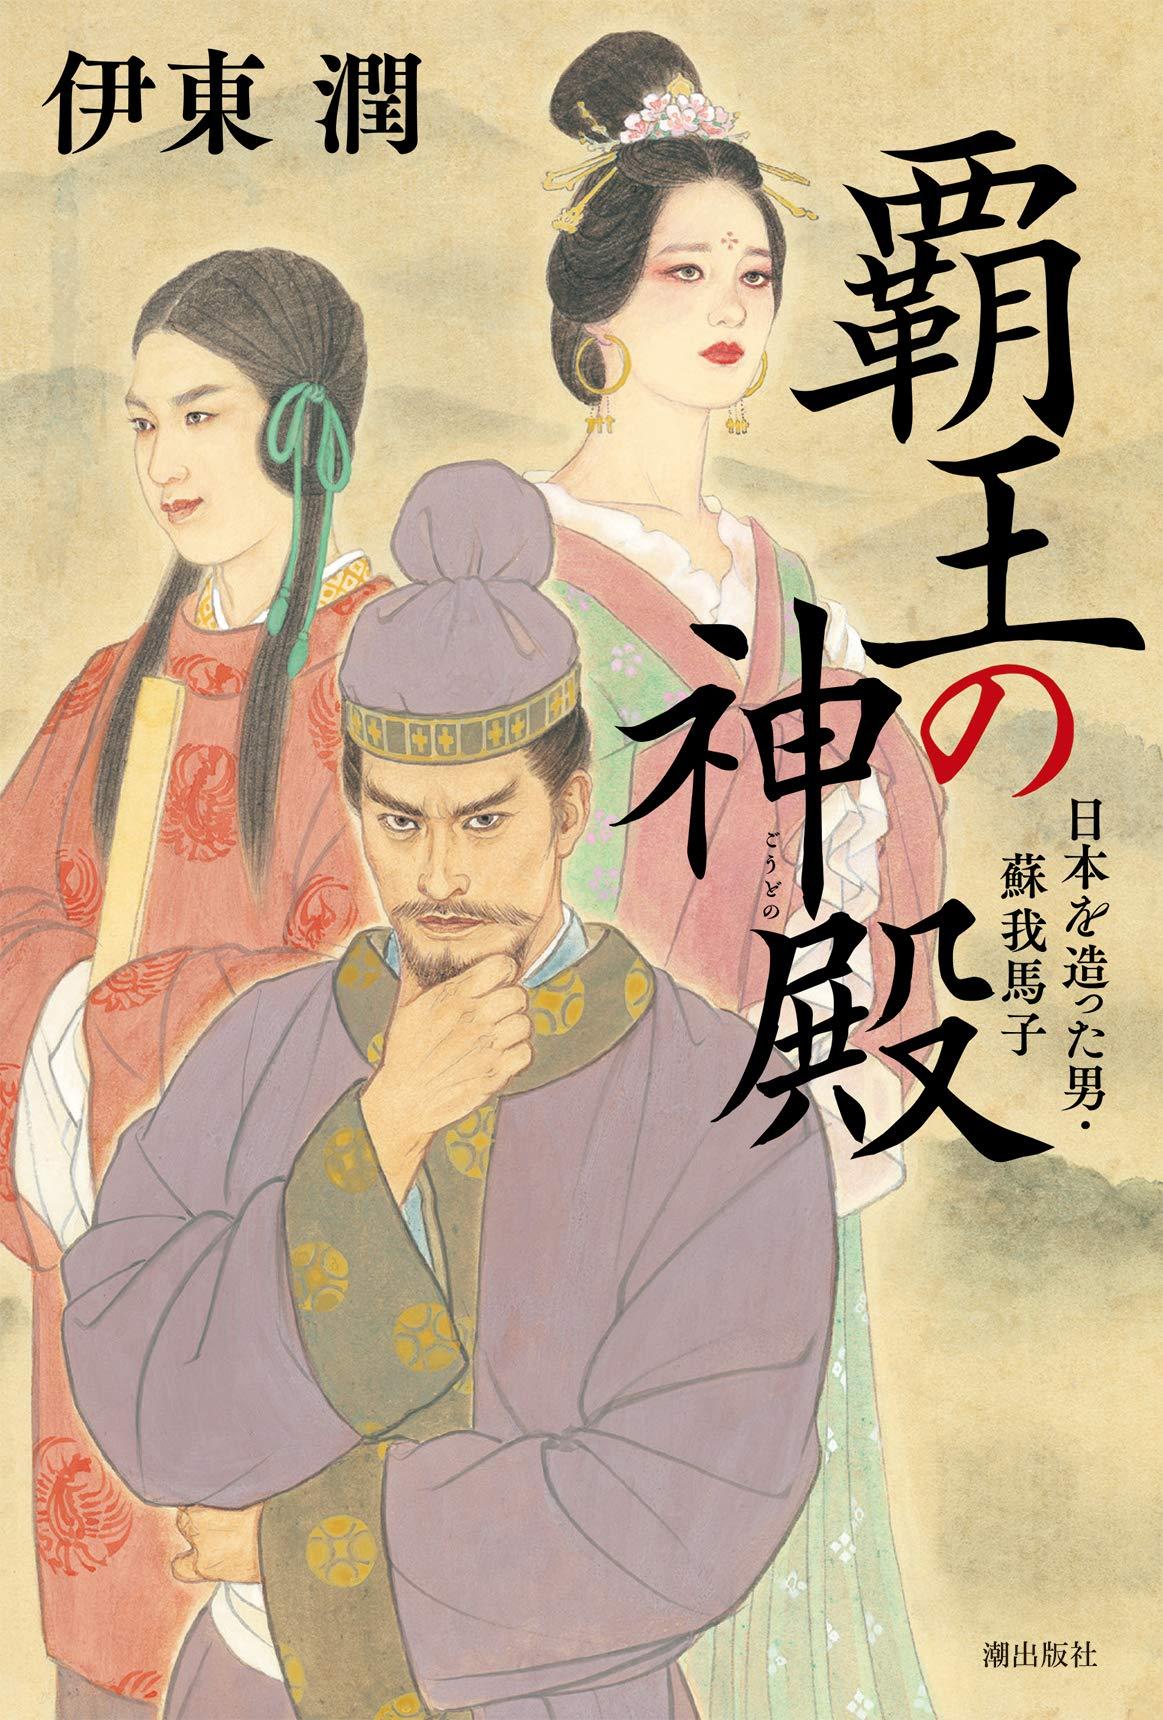 『覇王の神殿 日本を造った男・蘇我馬子』